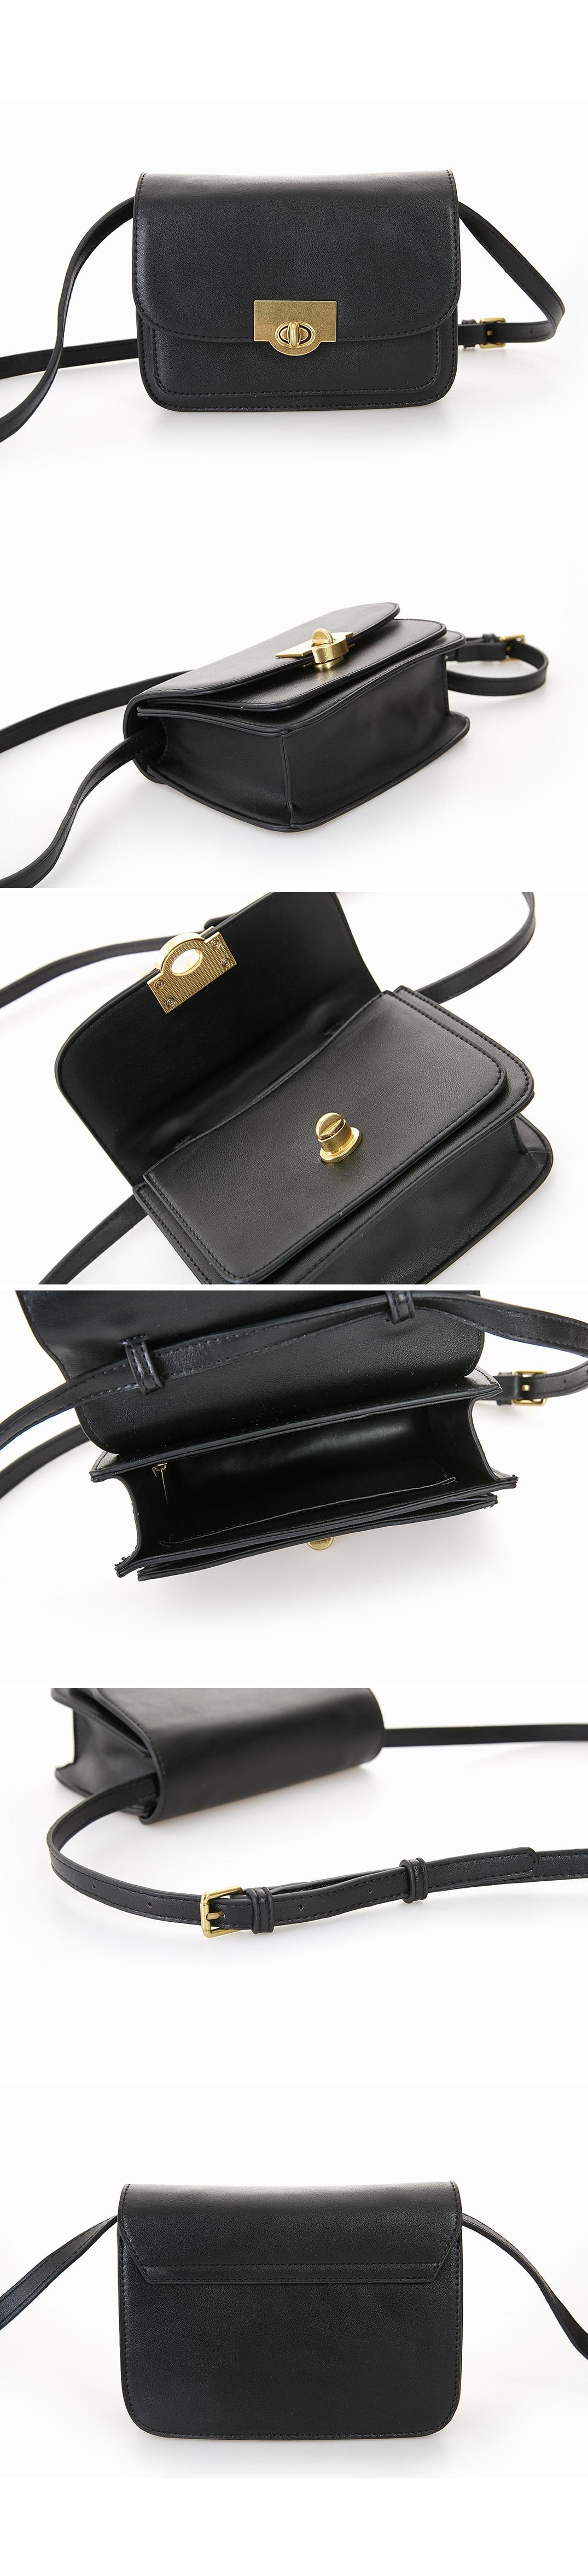 MUTRILL Shoulder Bag